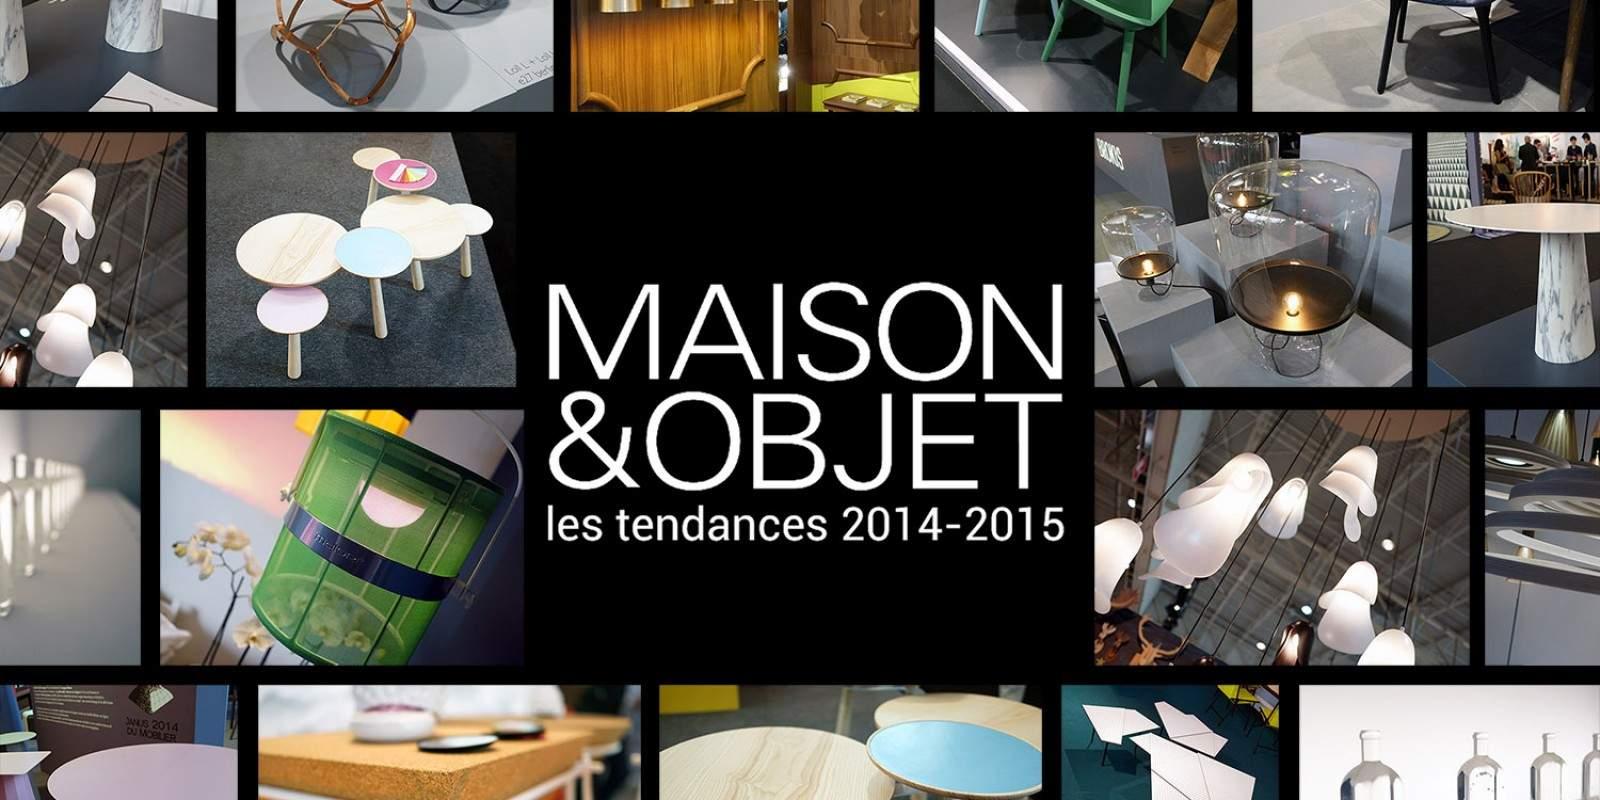 Maison objet les tendances 2014 2015 mo14 deco design for Objets deco design maison